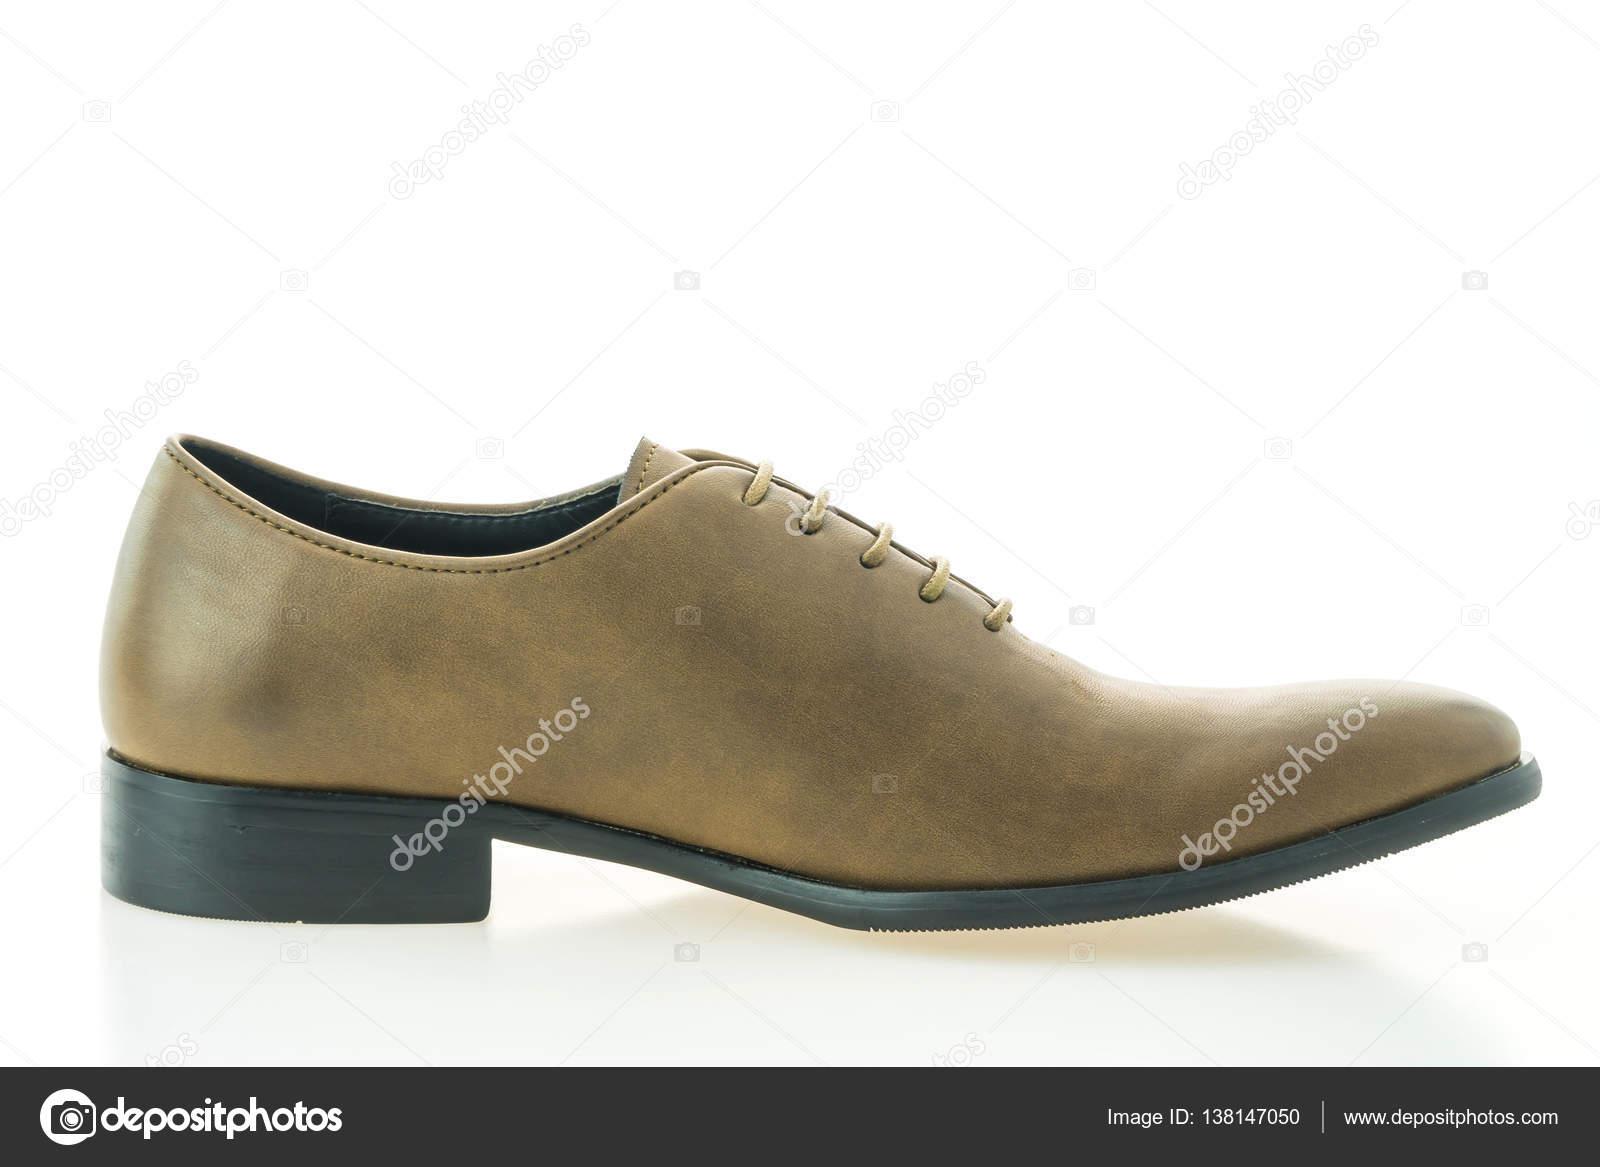 c1ee19075f Hermosa elegancia y lujo cuero zapatos hombre marrón aislados sobre fondo  blanco — Foto de ...